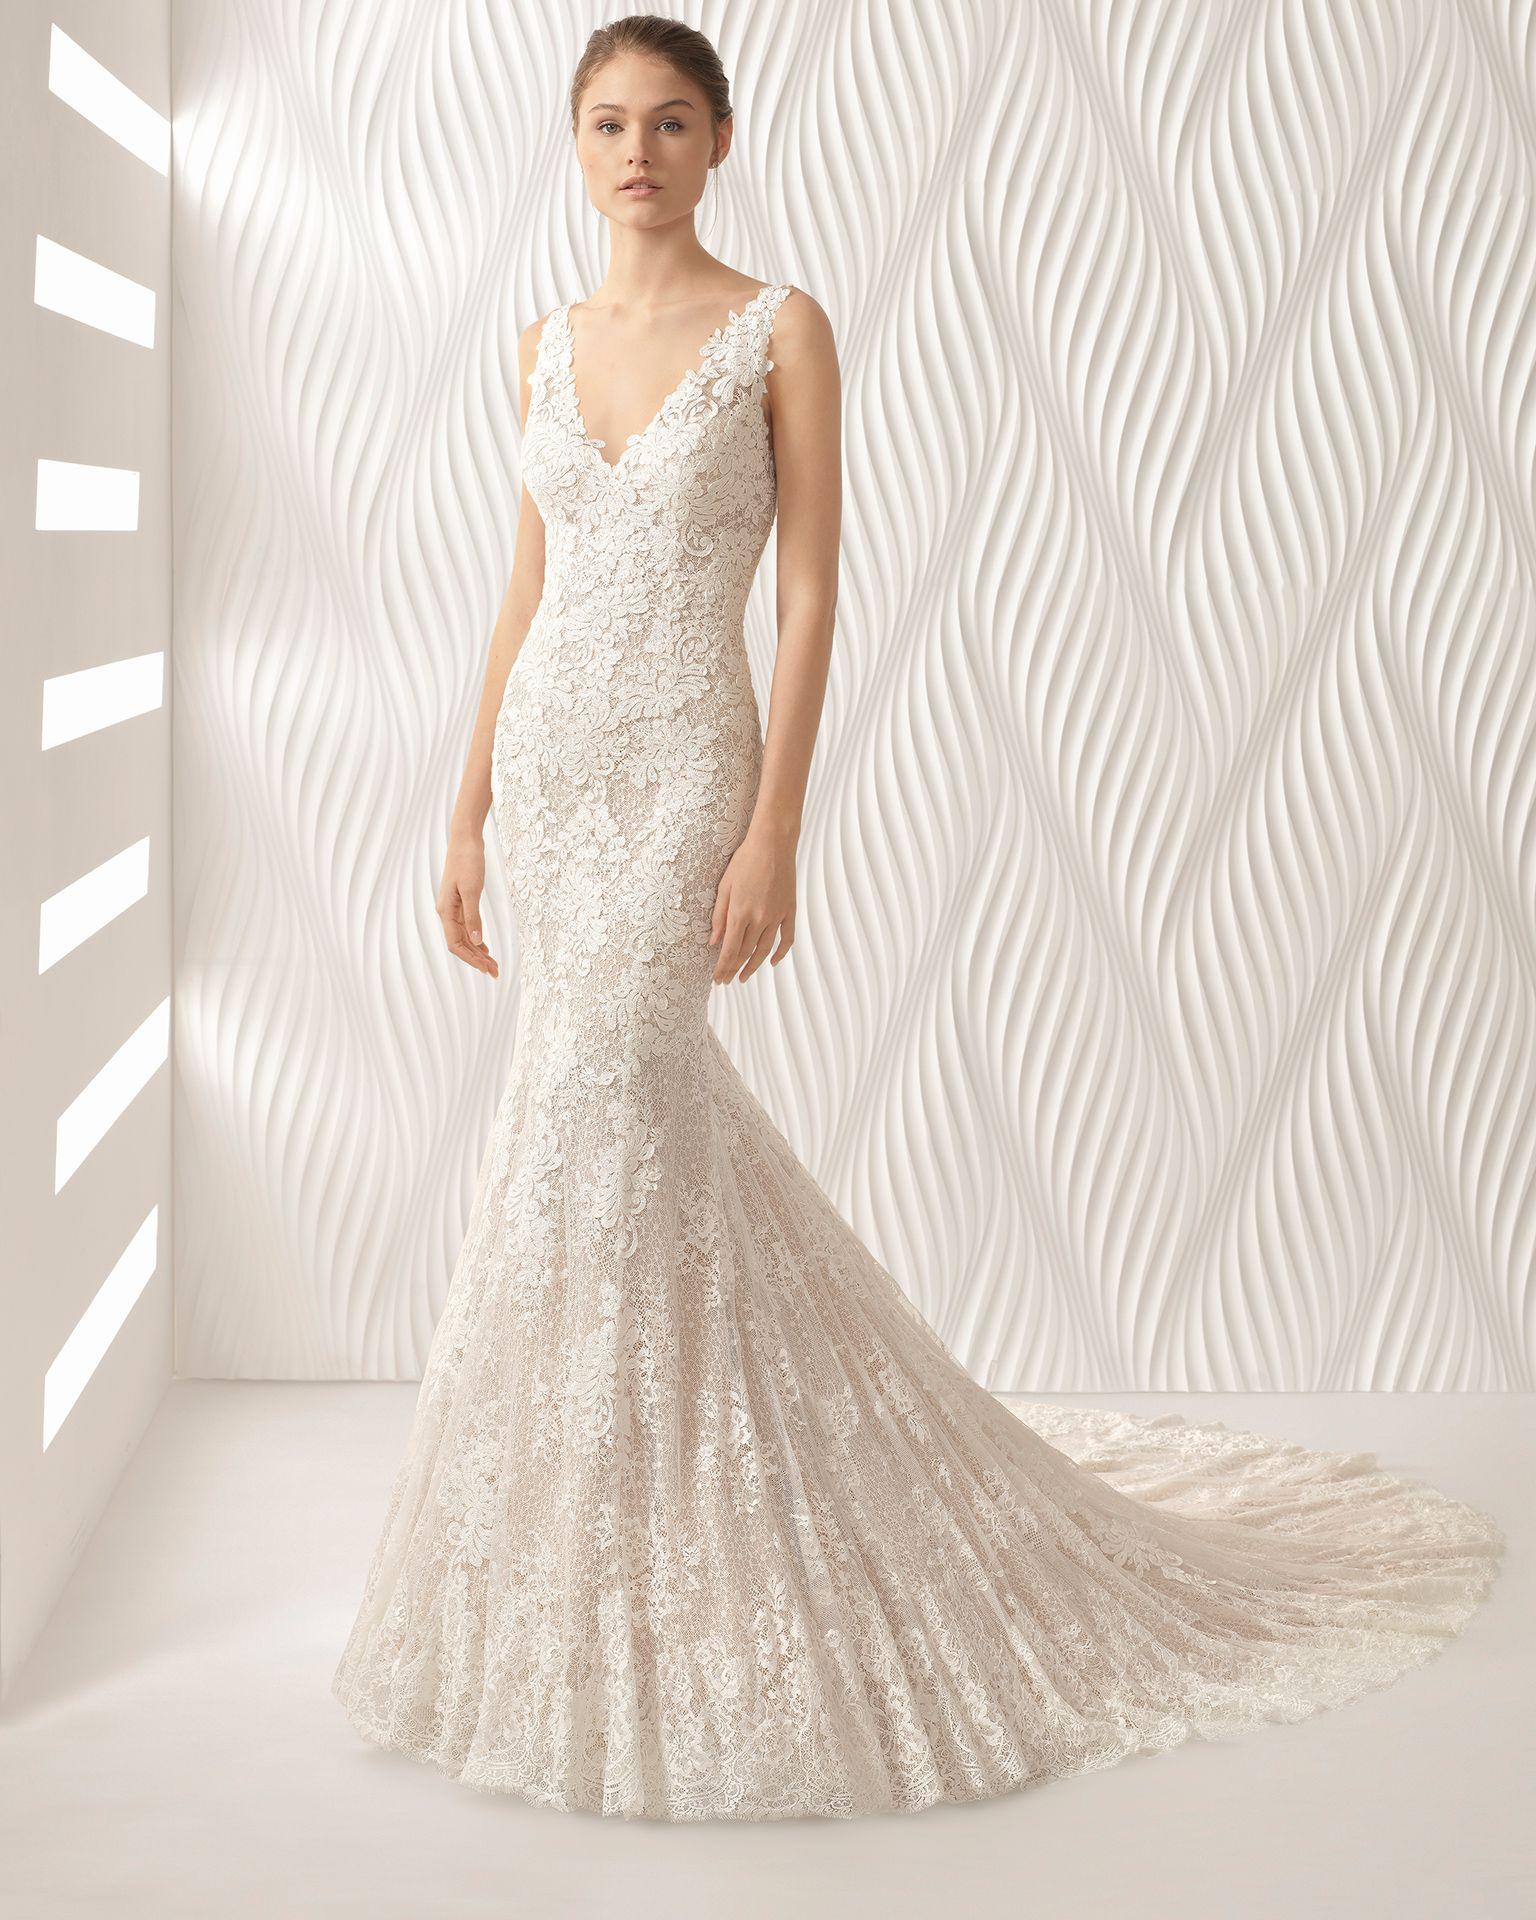 f5a33e13cdb0 ADELA - Mermaid-style lace wedding dress with V-neckline. 2018 Rosa Clará